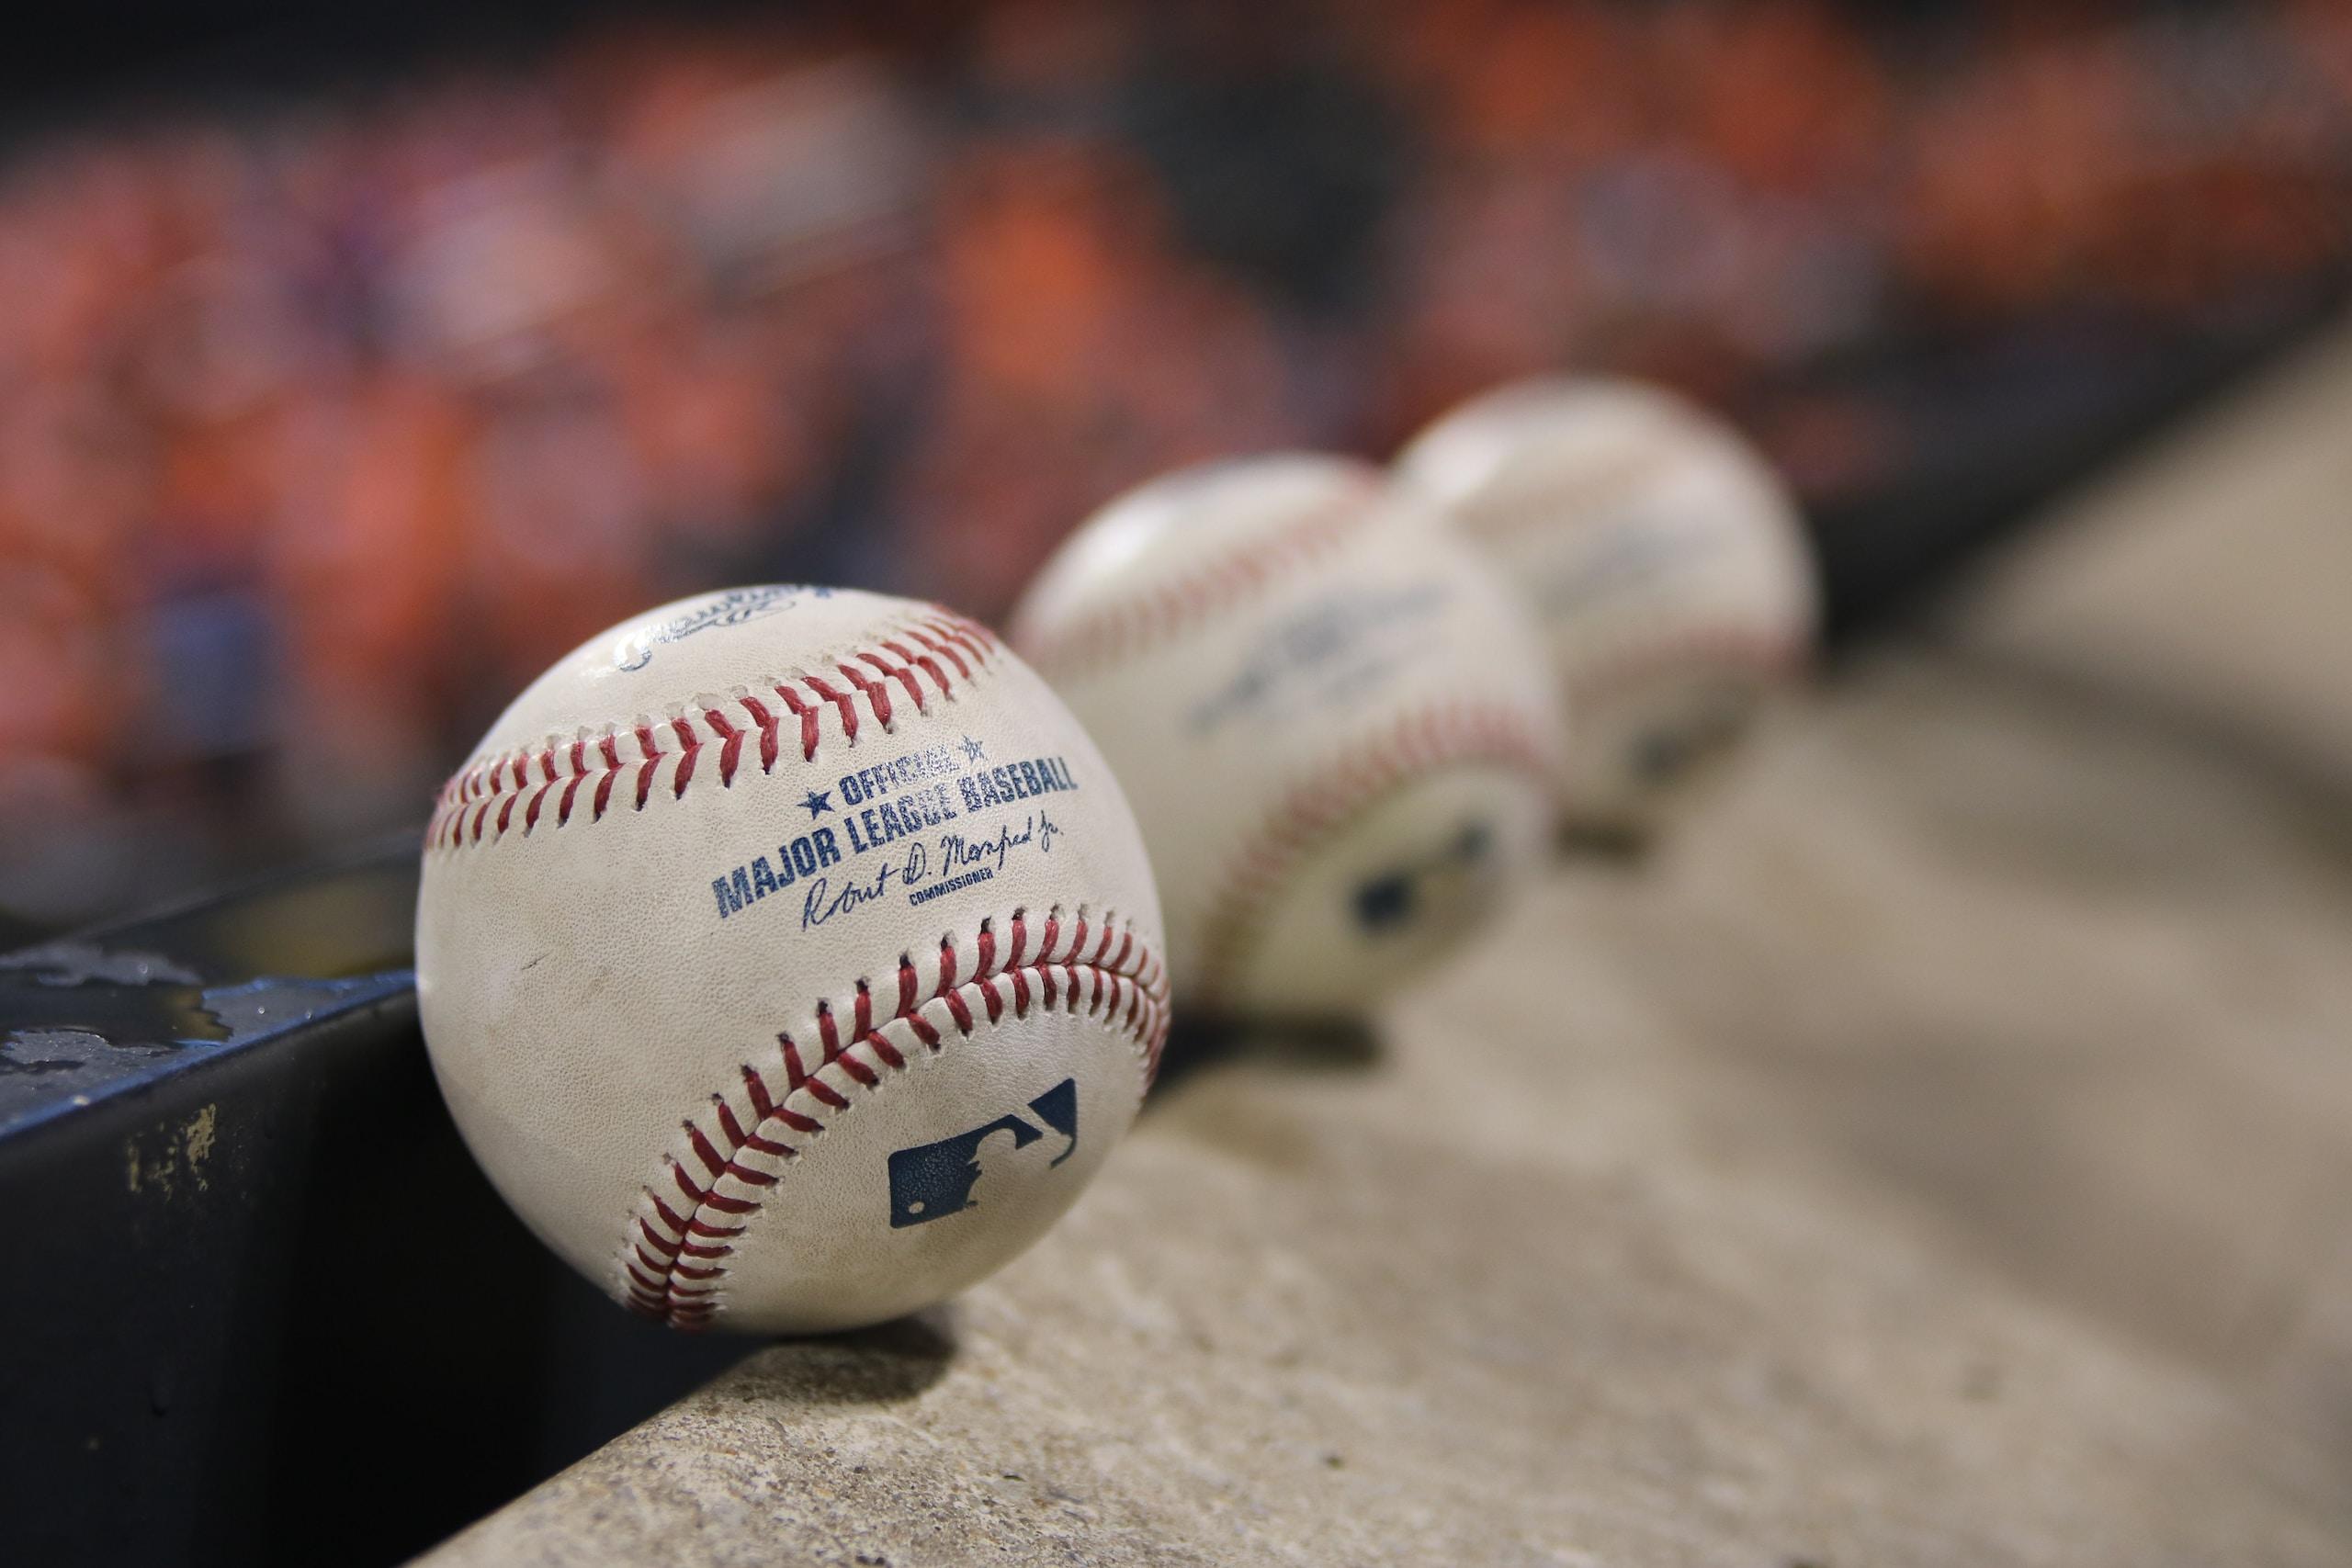 Trenton, baseball, three white baseballs on gray textile